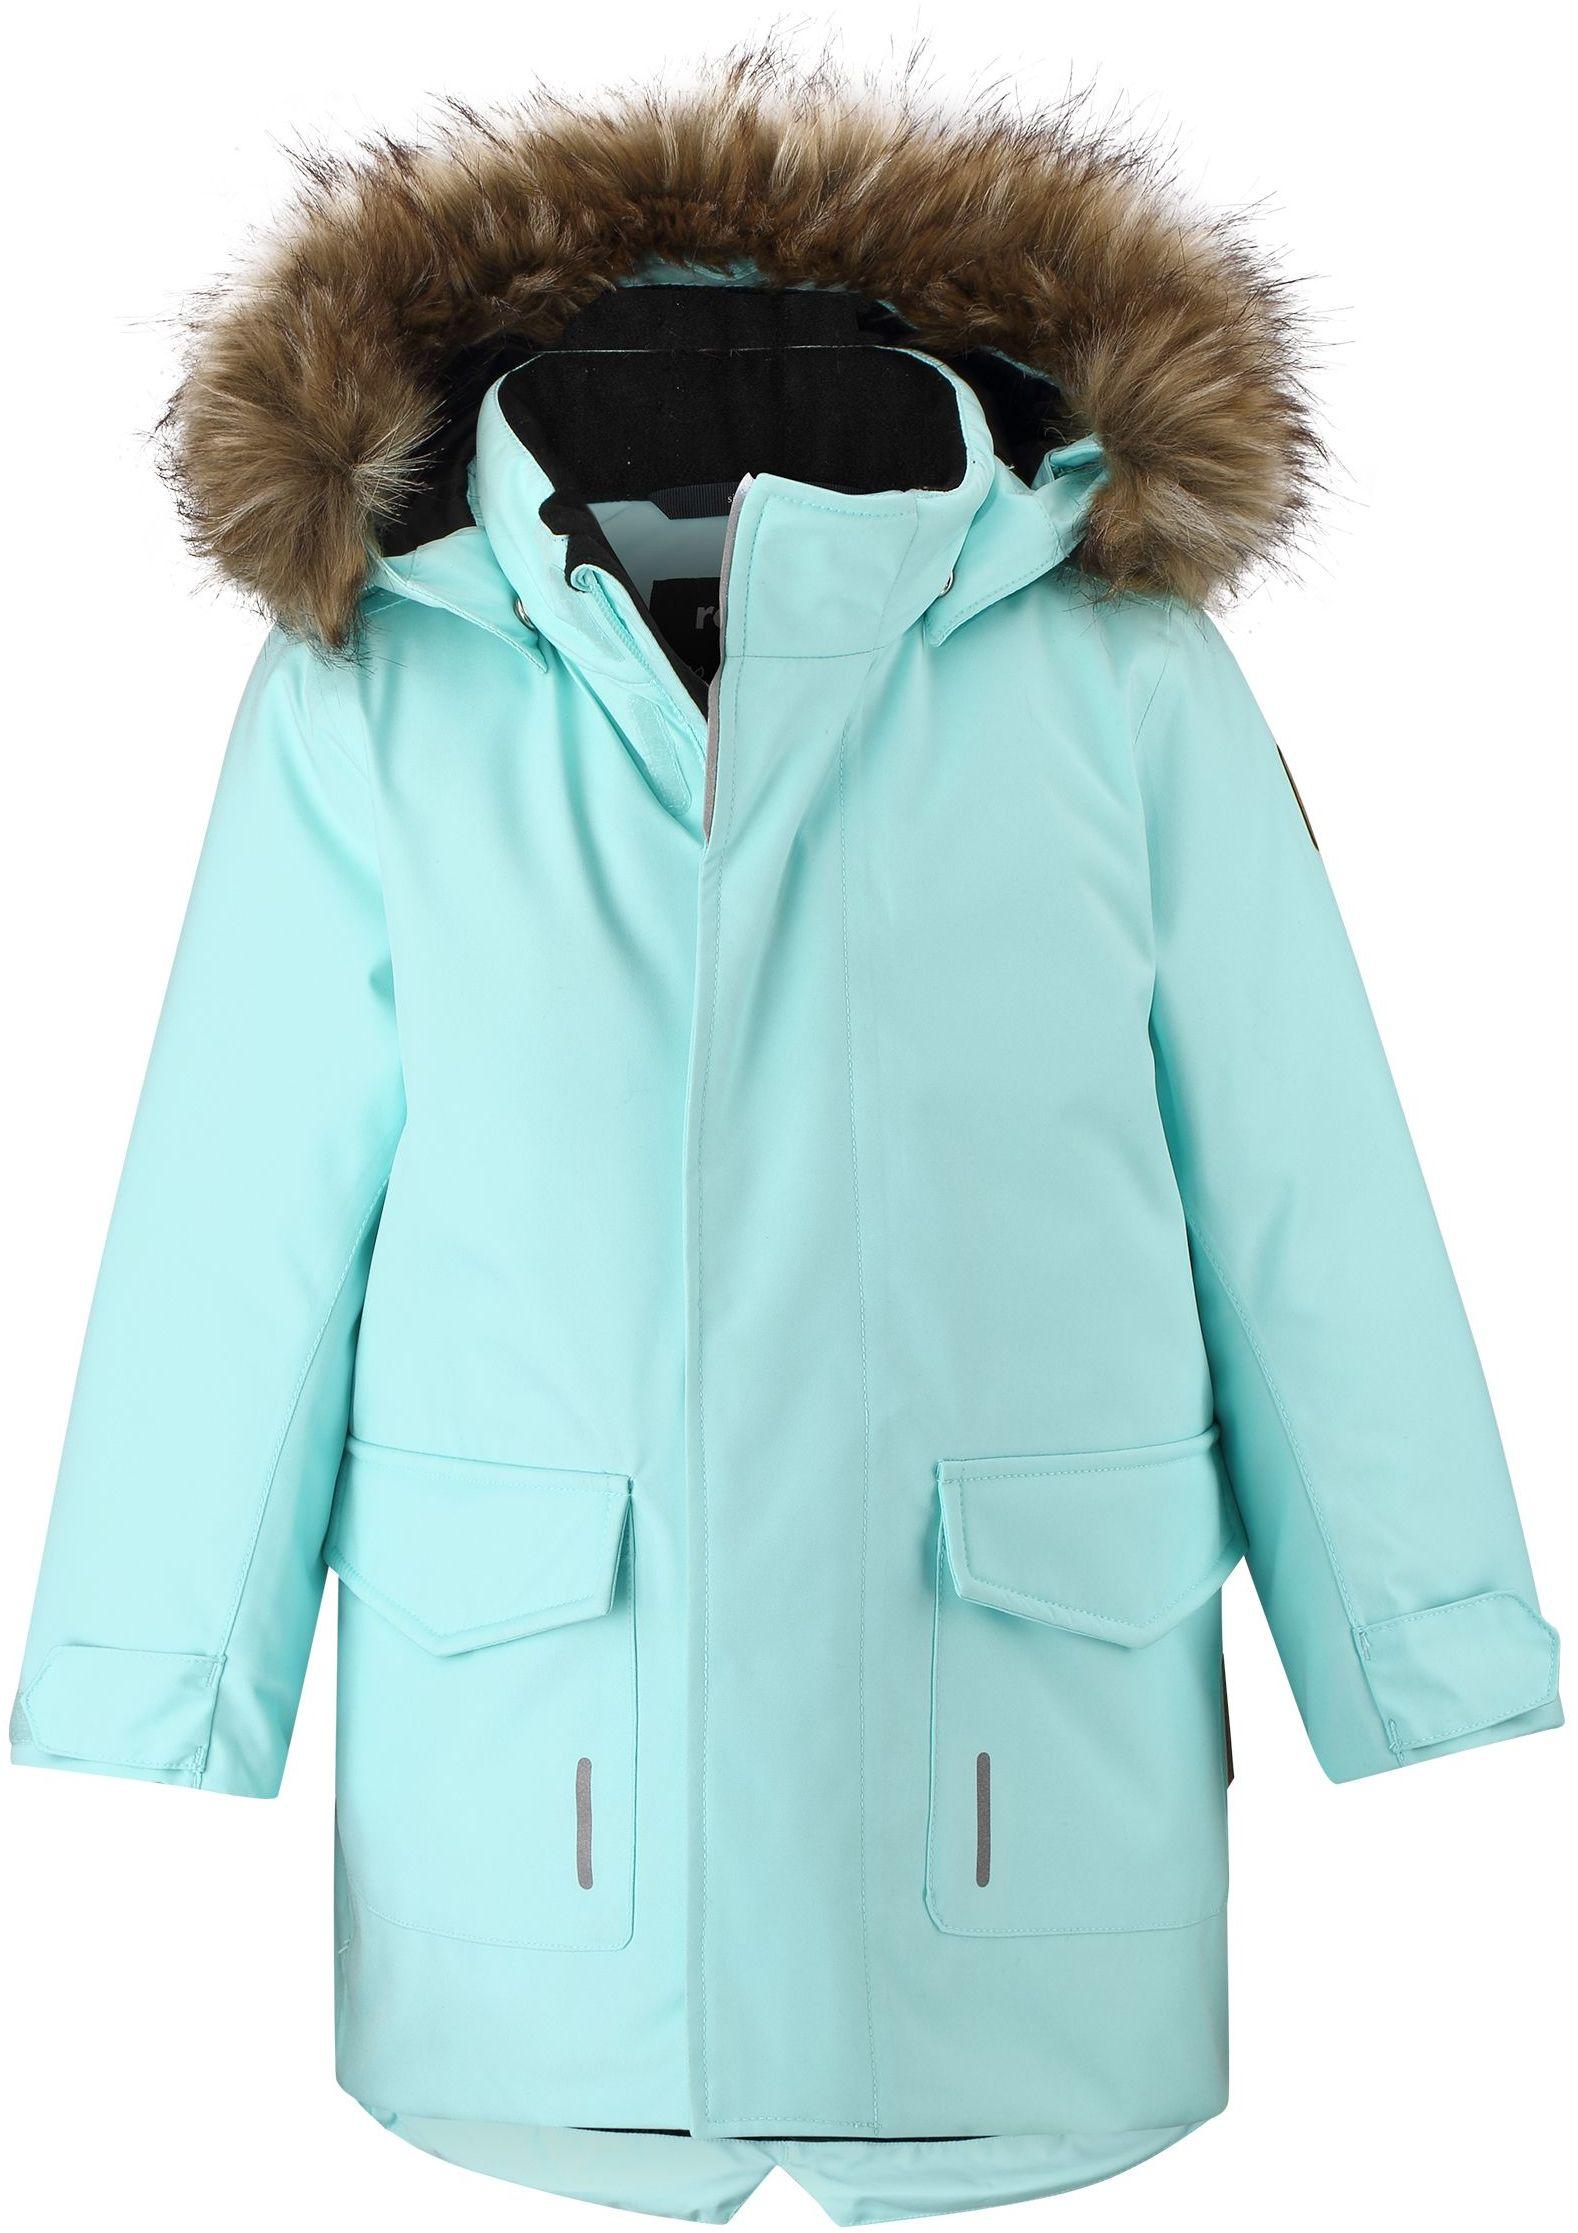 511299 Reima Mutka tyrkysova zimna bunda pre dievca